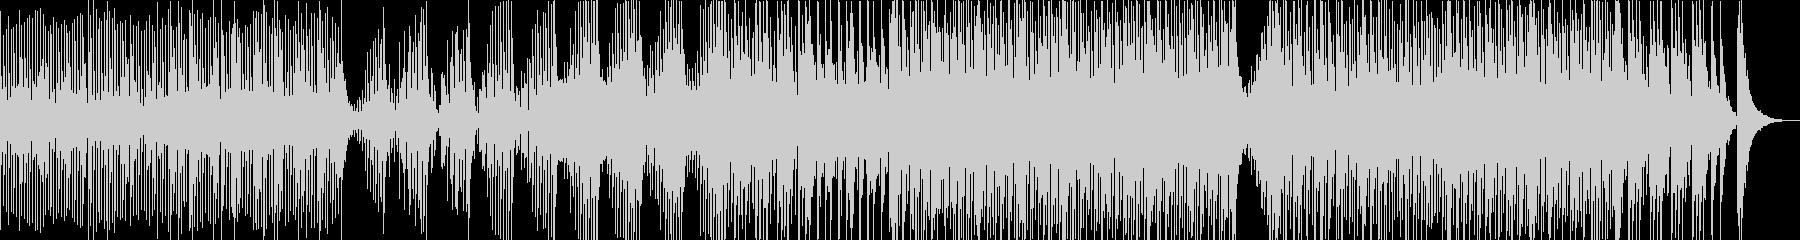 勢いのある三味線と太鼓のアンサンブルの未再生の波形